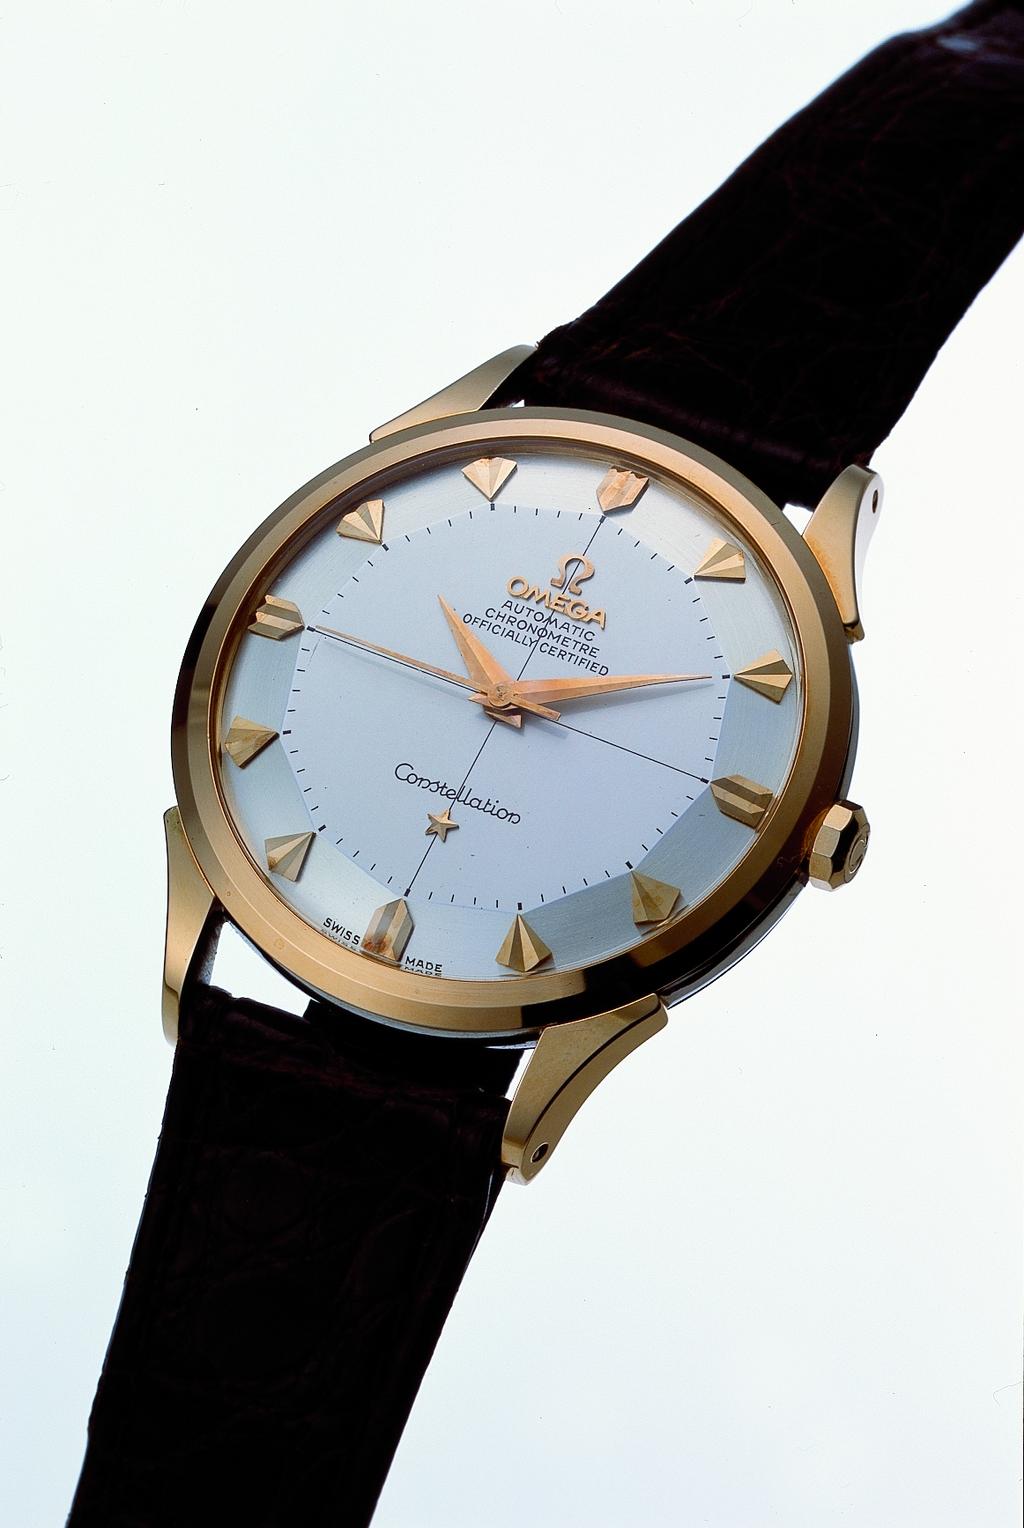 d21b83ef2c5 Peças históricas Omega em exposição da nova linha Globemaster na Boutique  dos Relógios Plus Art da Avenida